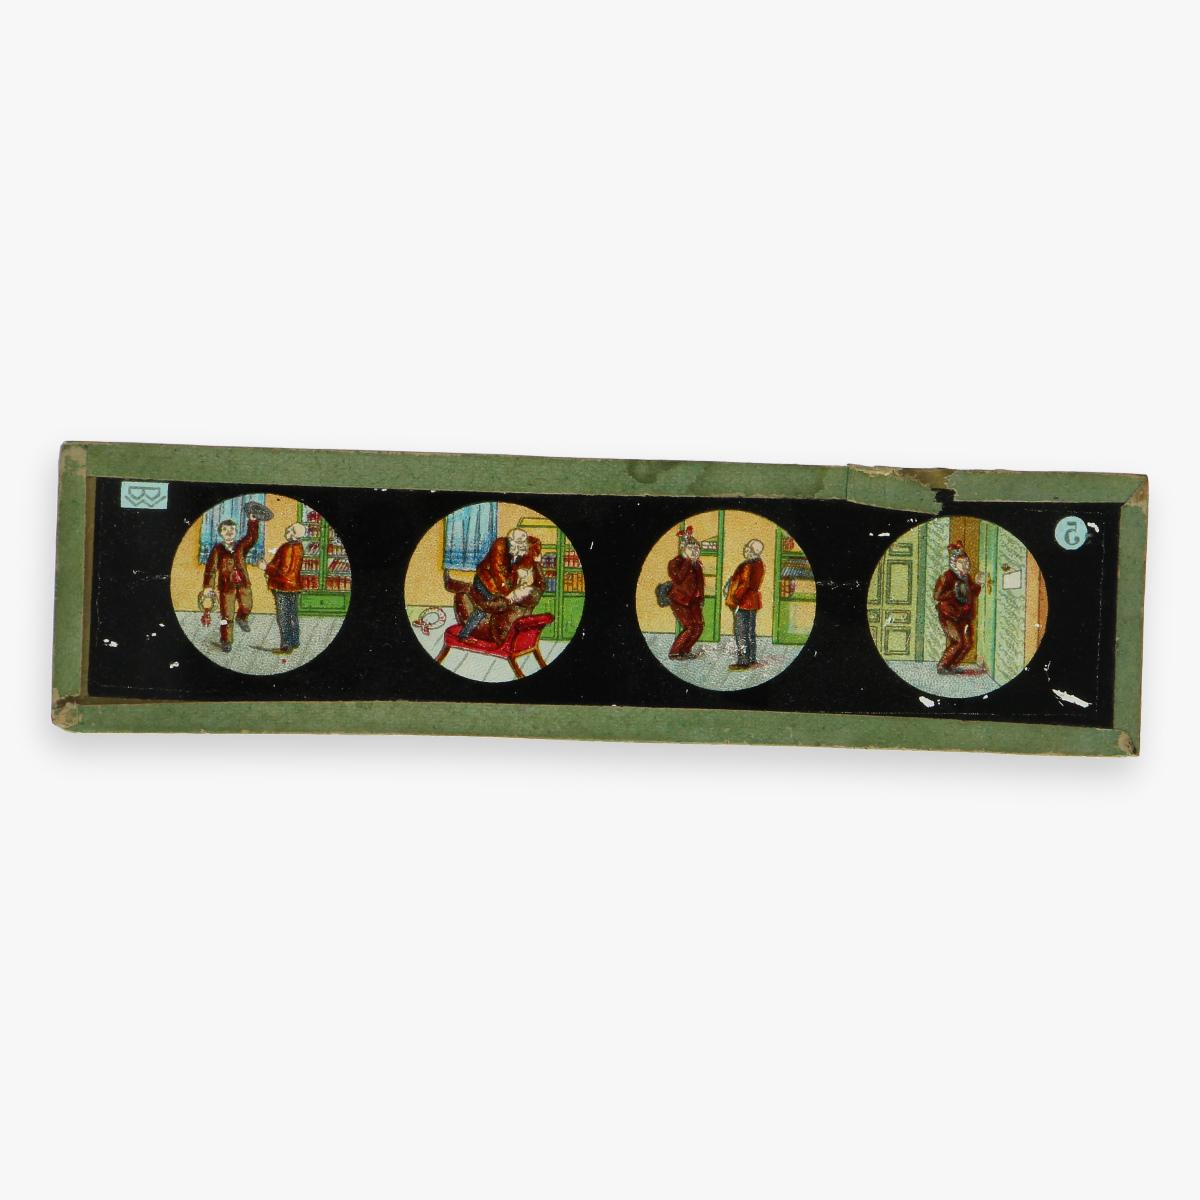 Afbeeldingen van laterne magica ''ernst planck'' made in Germany met doos